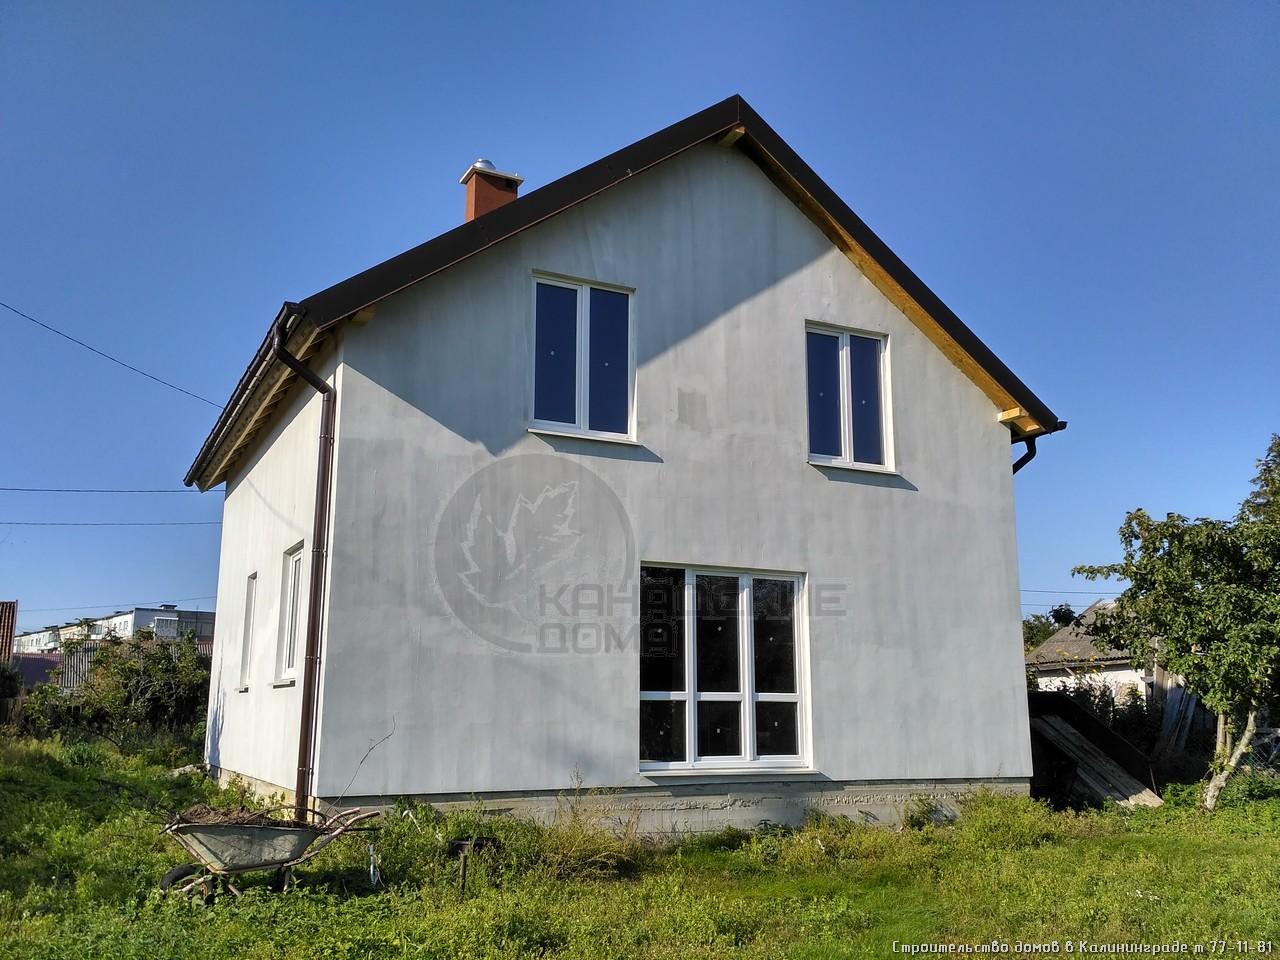 16kanadskie_doma_stroitelstvo_v_kaliningradie